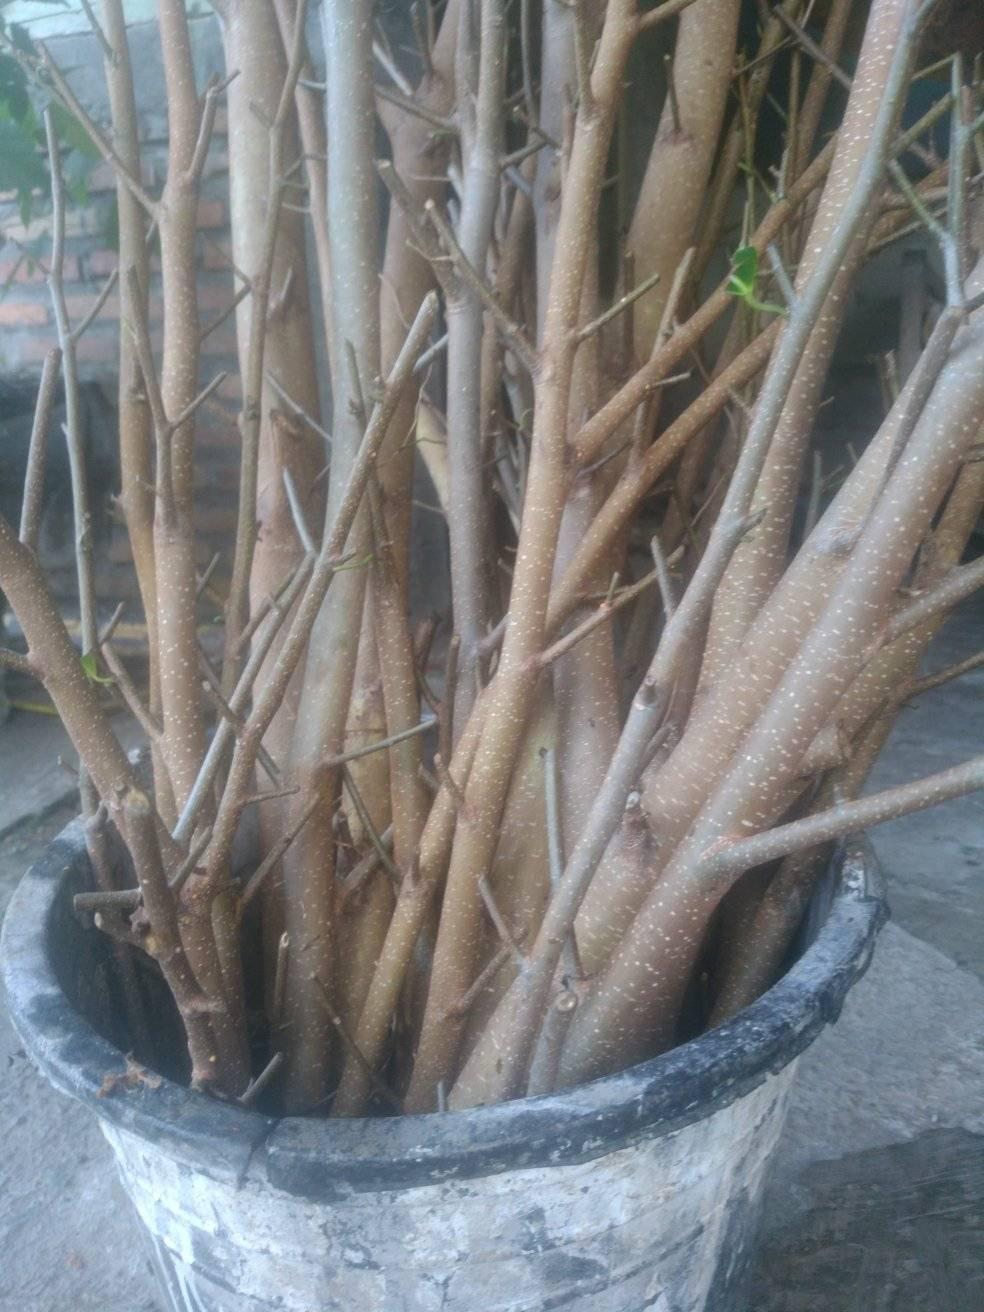 Ujung batang ficus direndam di air bawang merah. Foto:Padmo